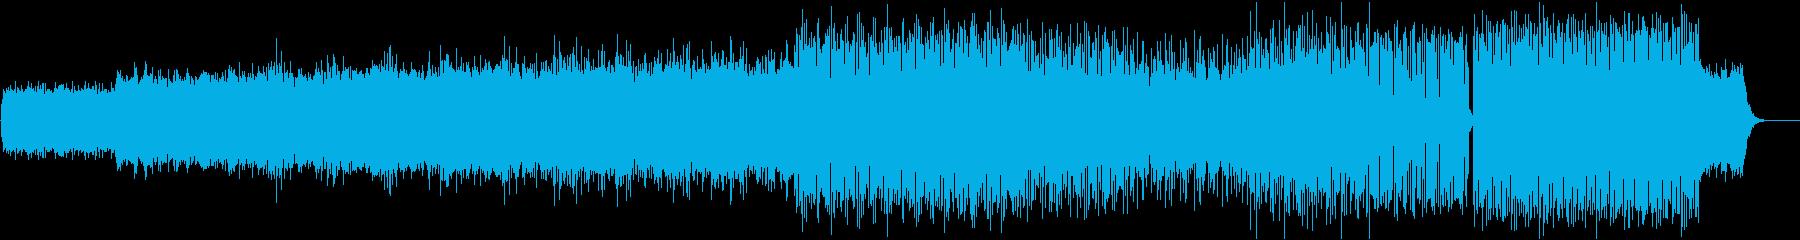 シンセと色々なリズムのエレクトロの再生済みの波形